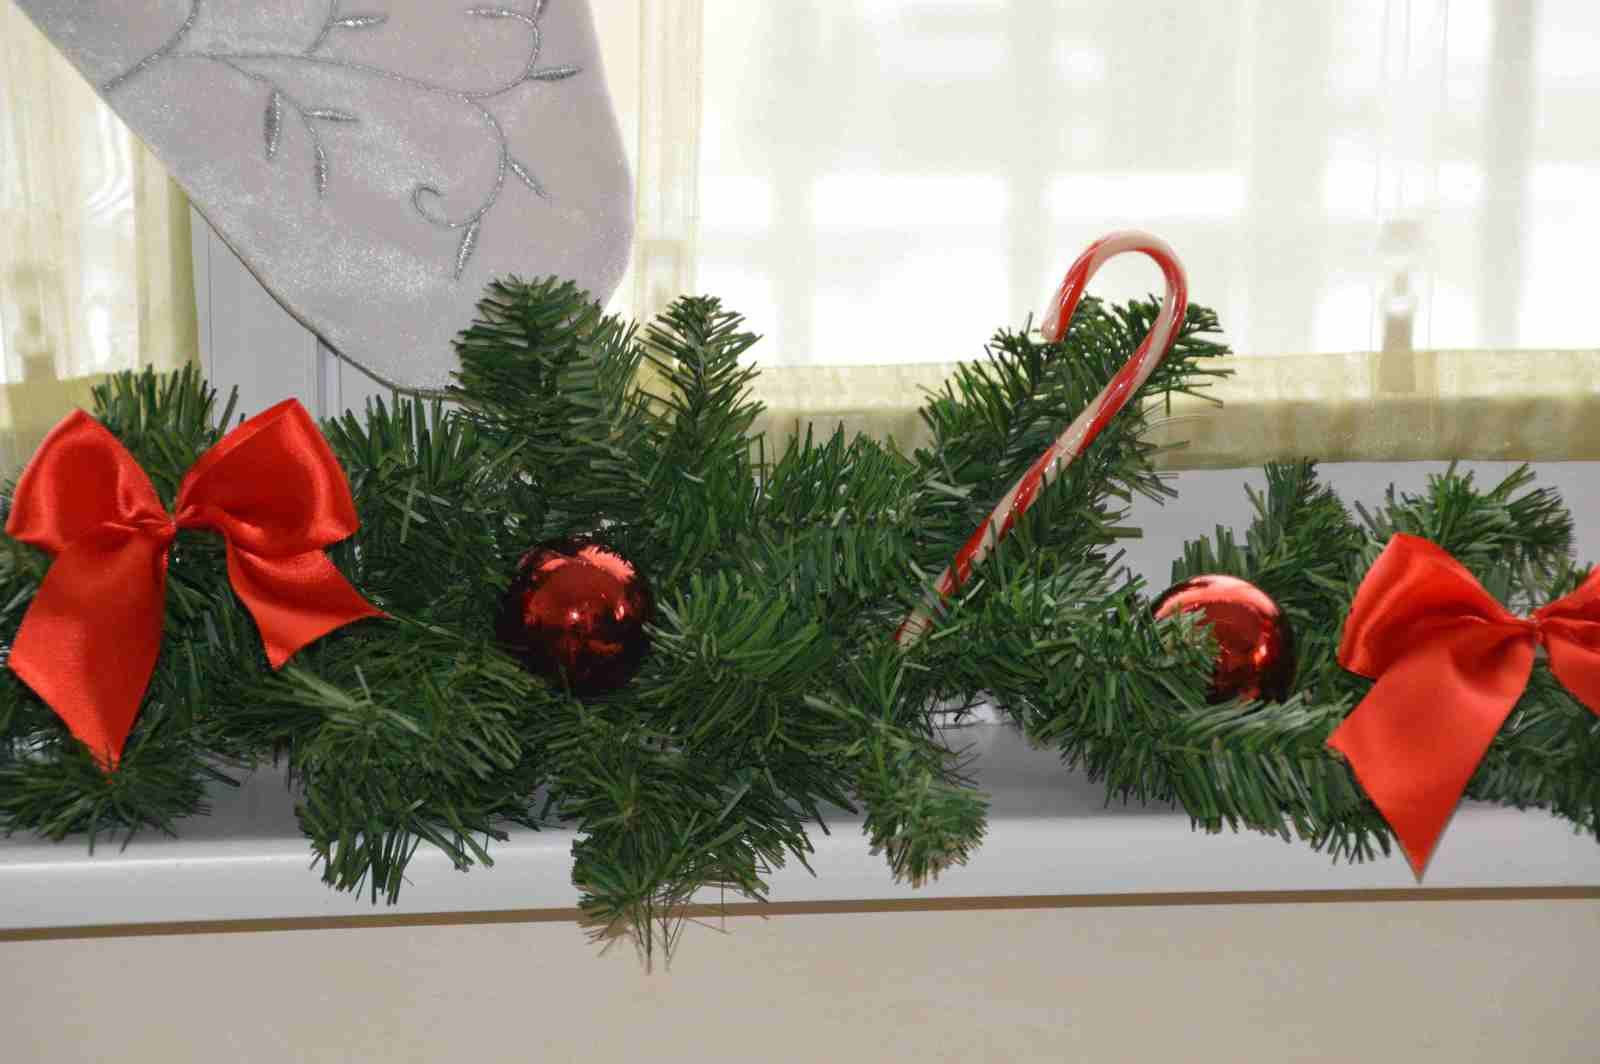 Comment faire un noeud make a wish come true - Comment faire un joli noeud ...